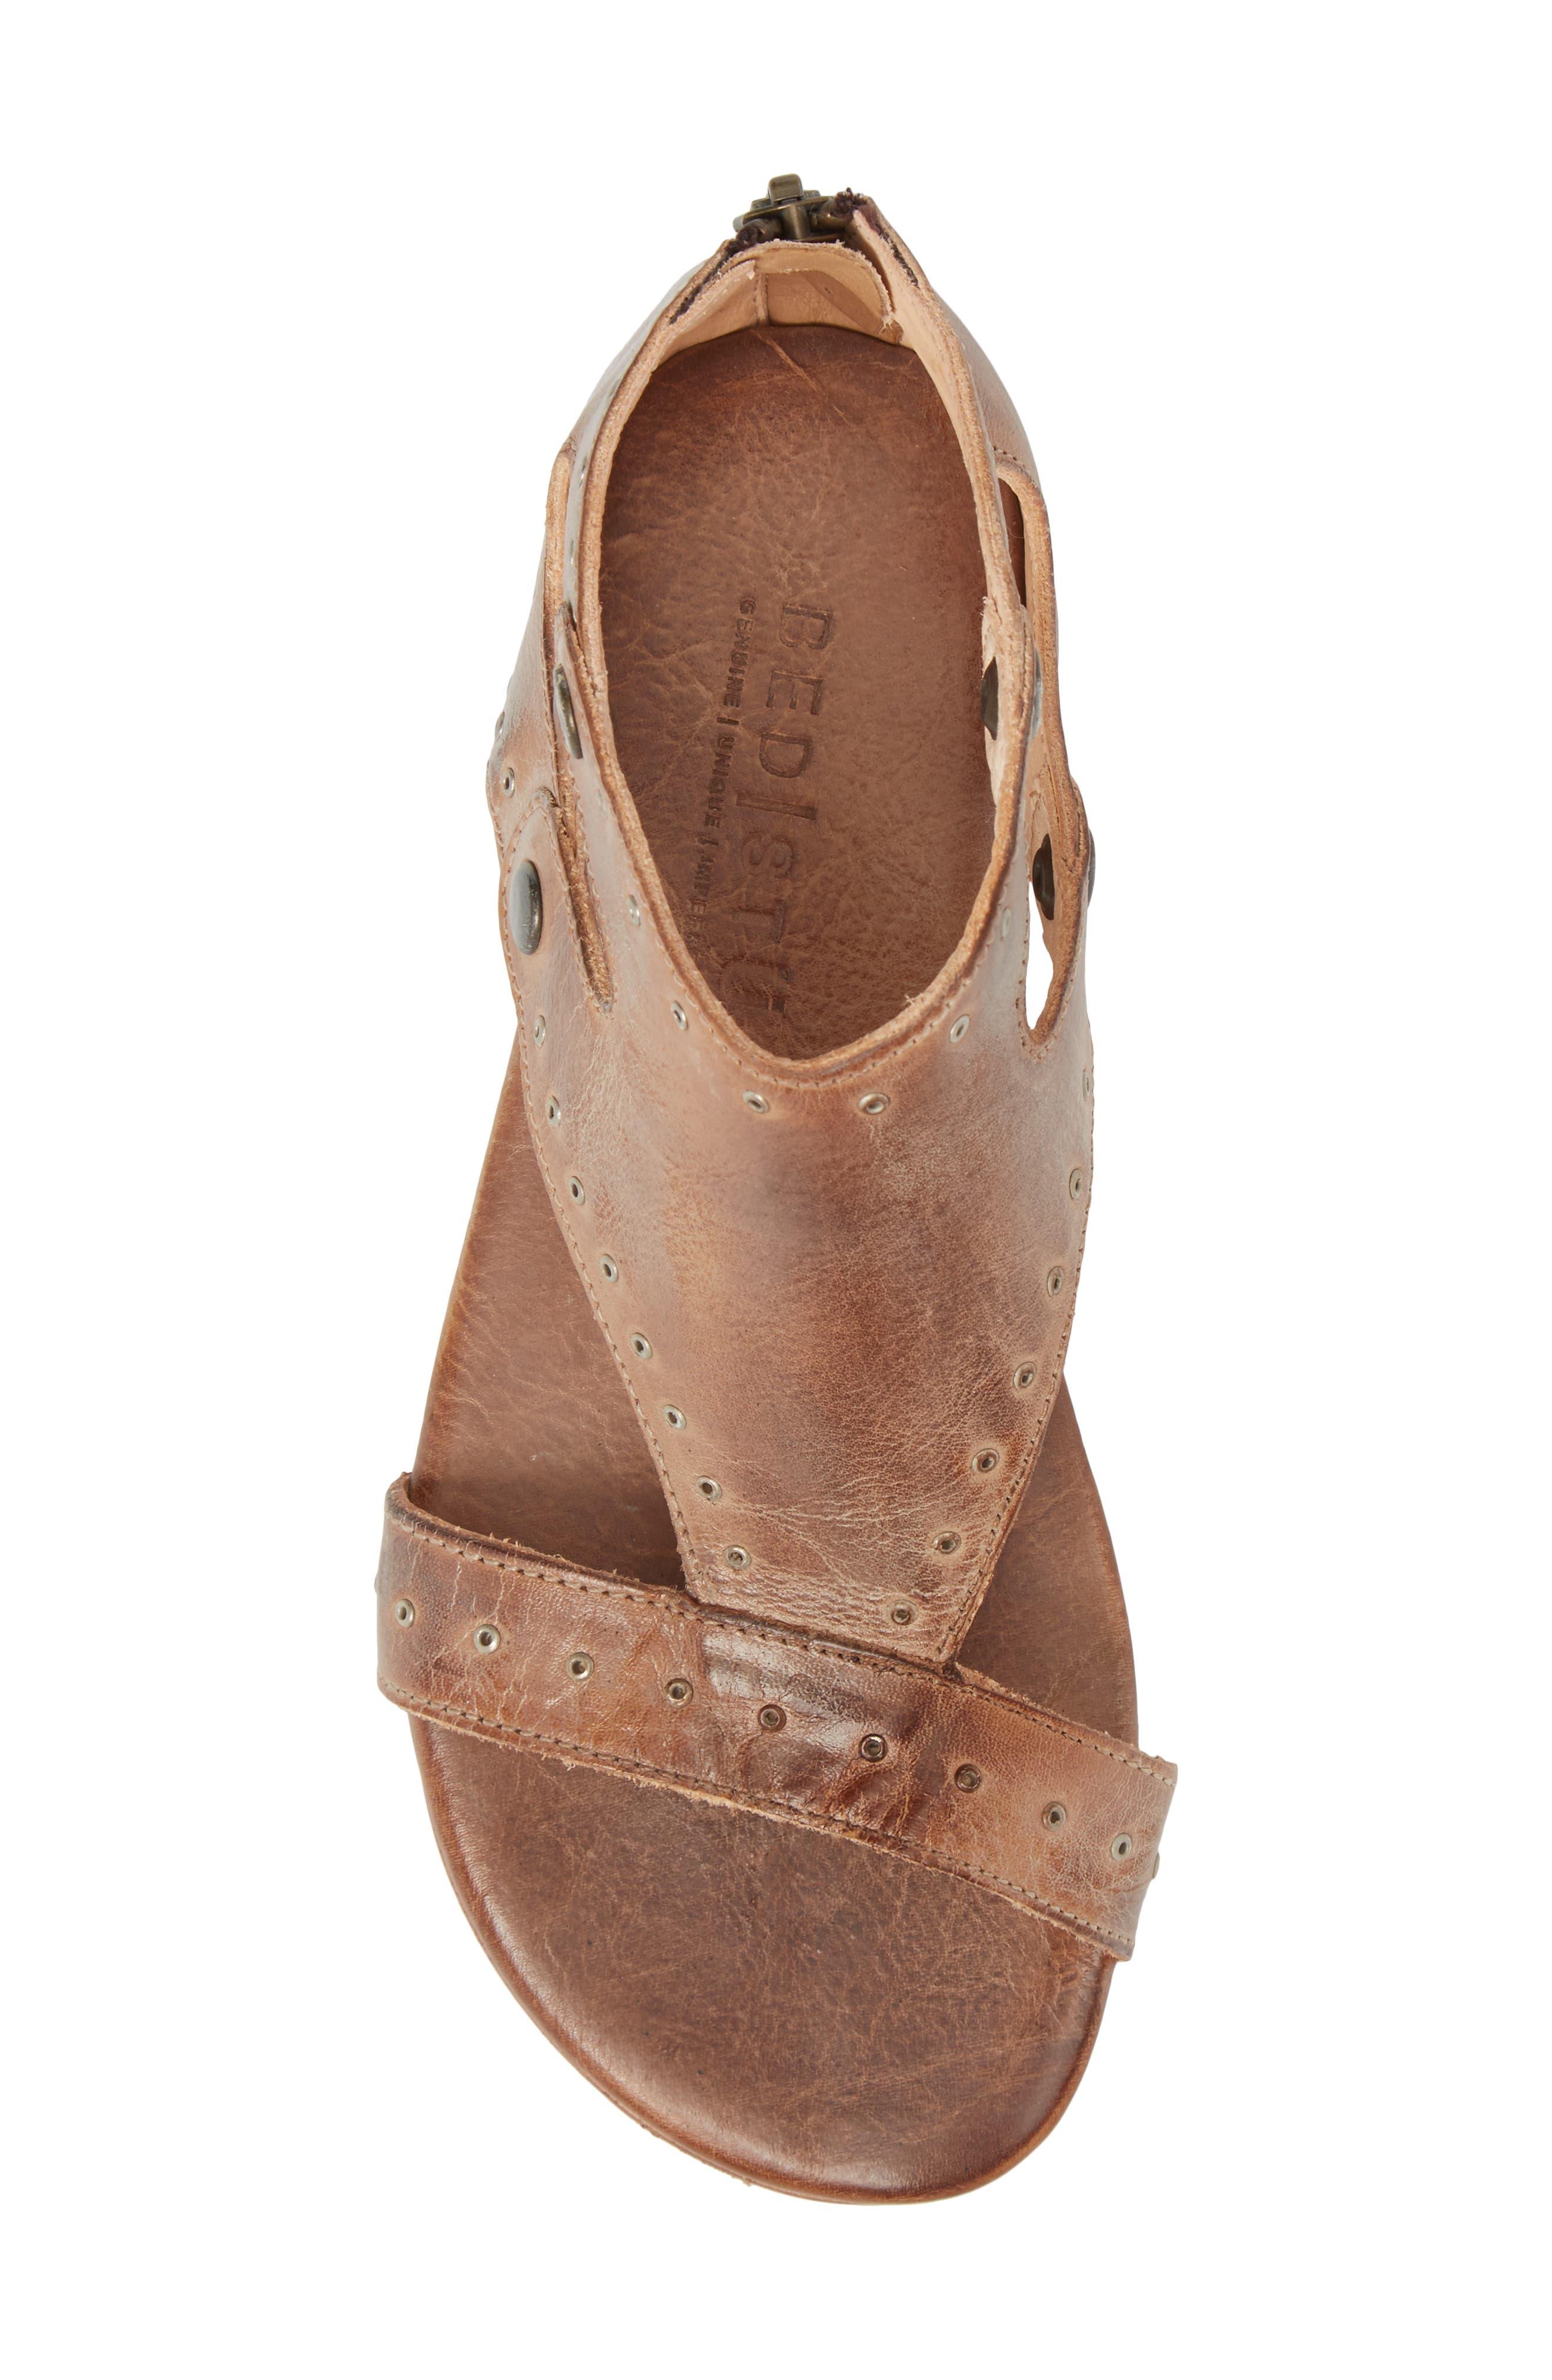 Soto G V-Strap Sandal,                             Alternate thumbnail 5, color,                             Tan Mason Leather